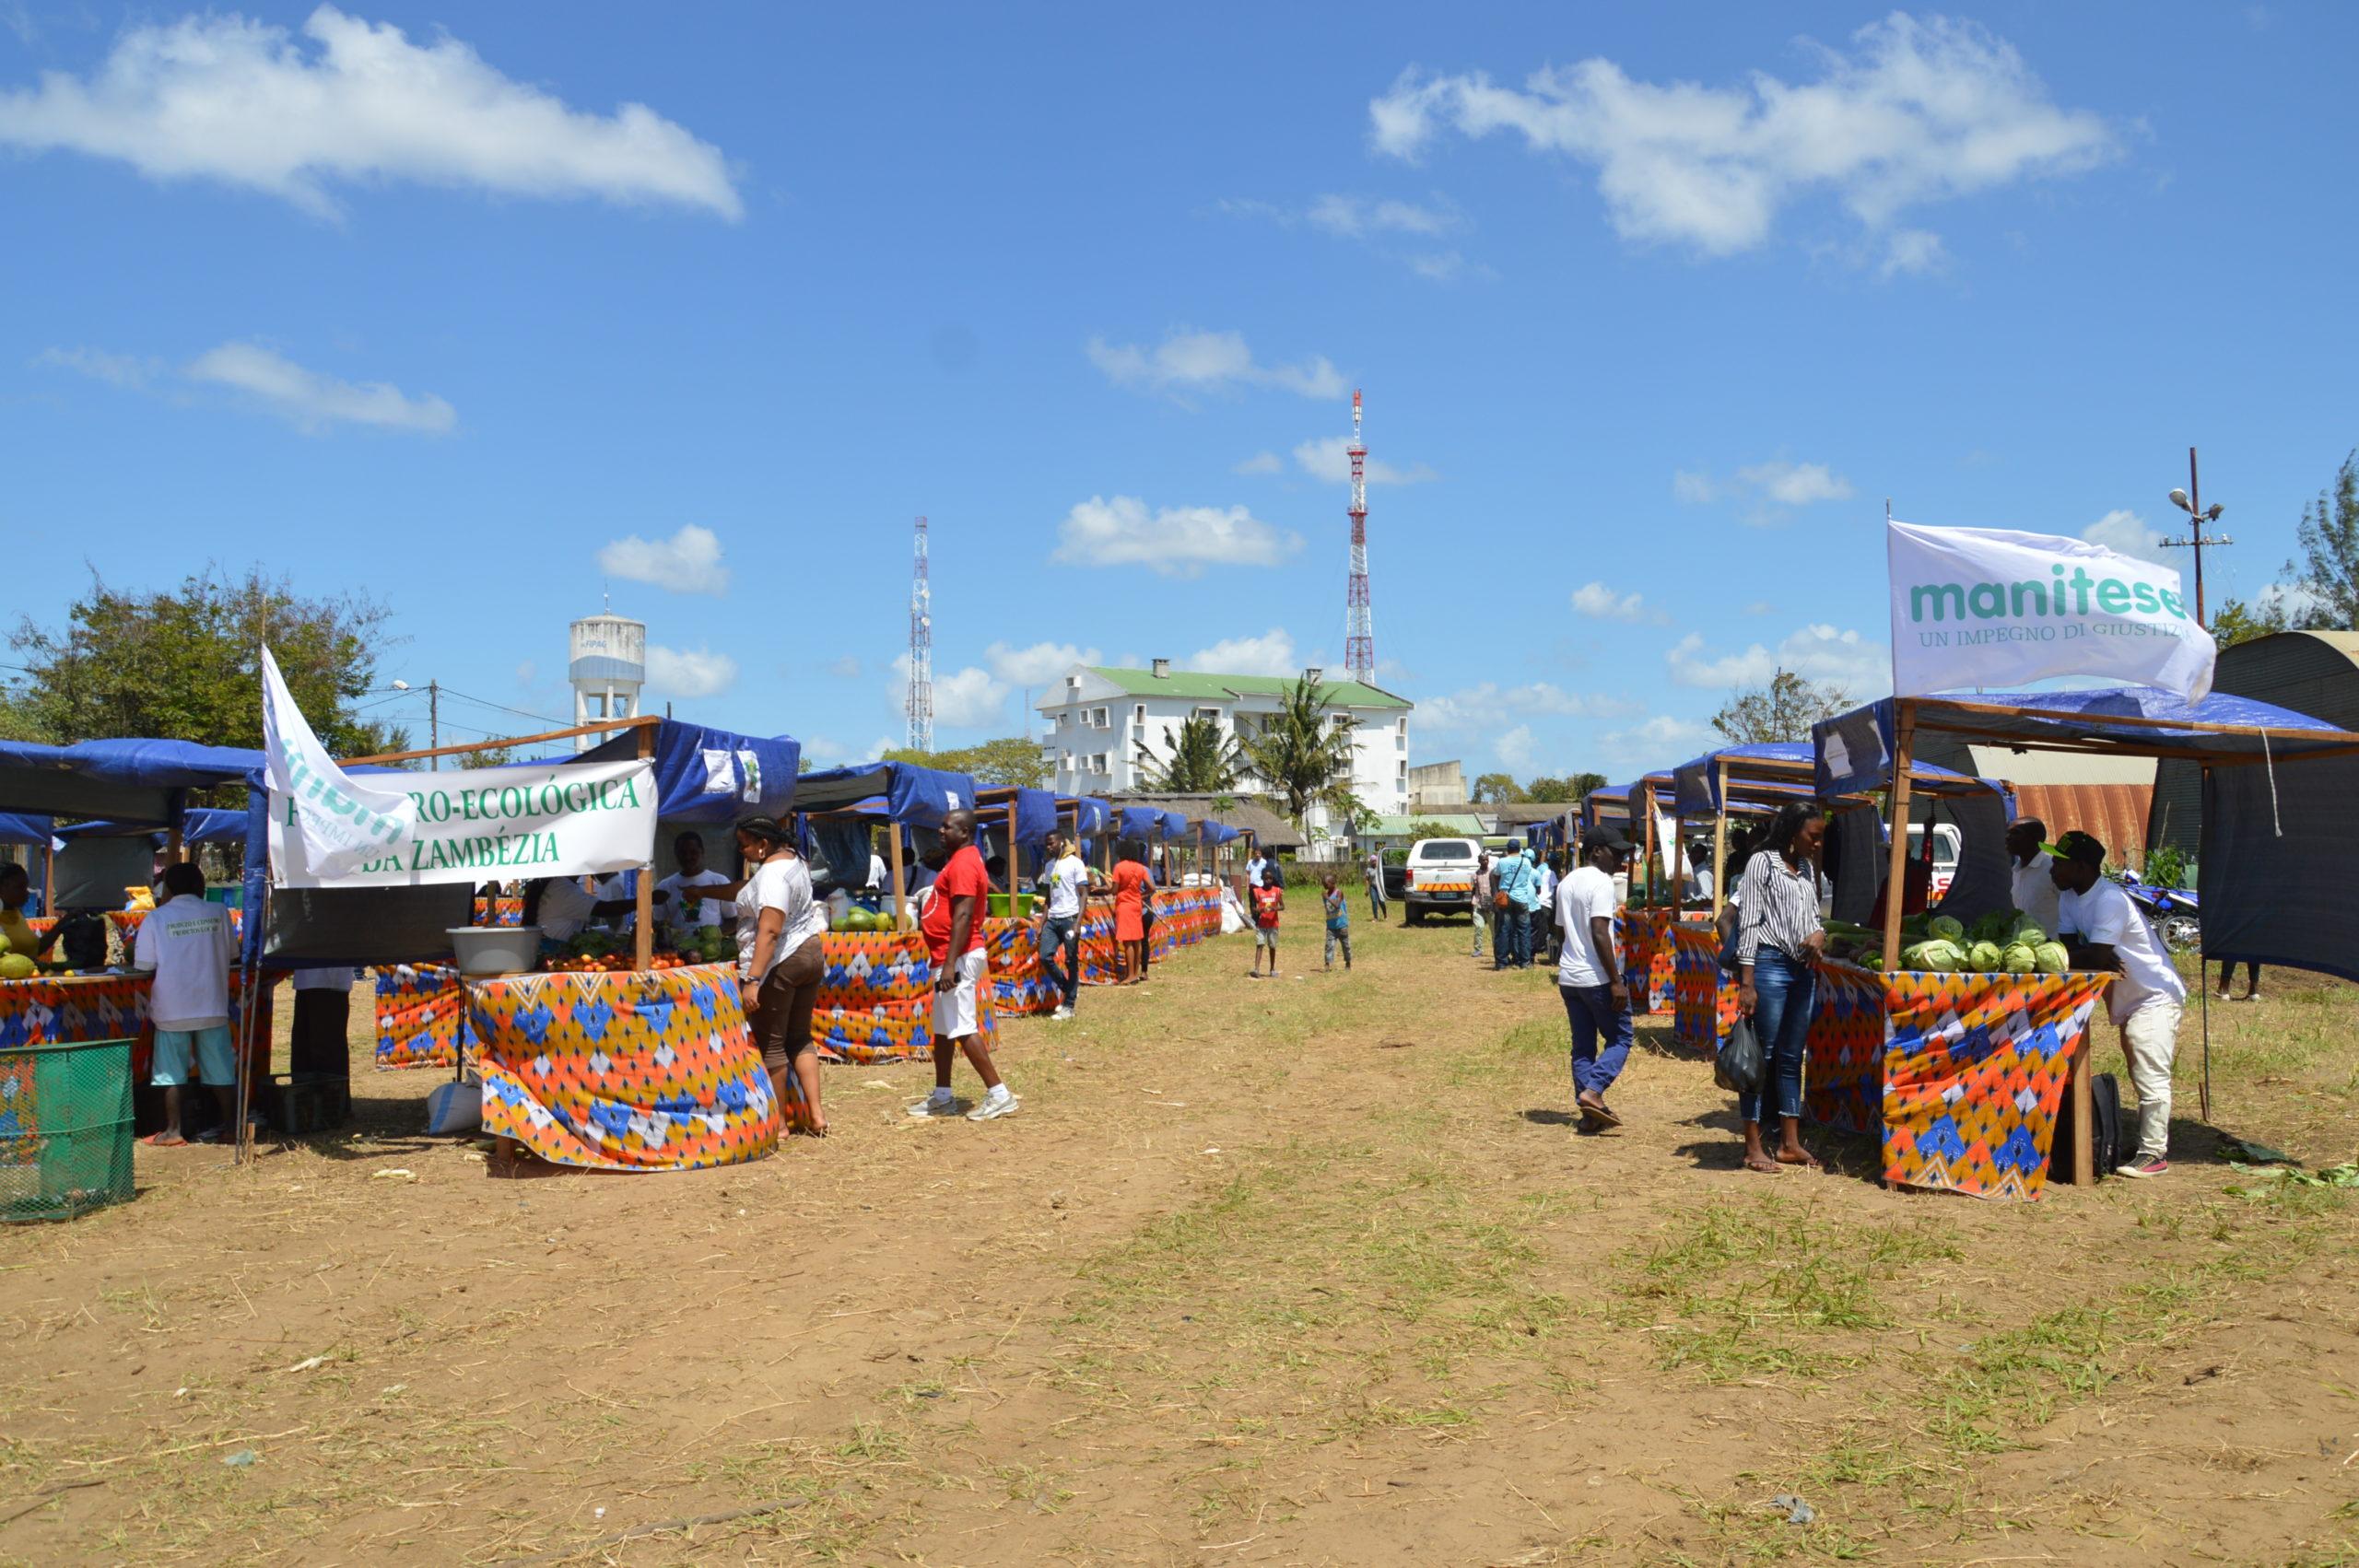 feira agroecologica mozambico mani tese 2019 (3)